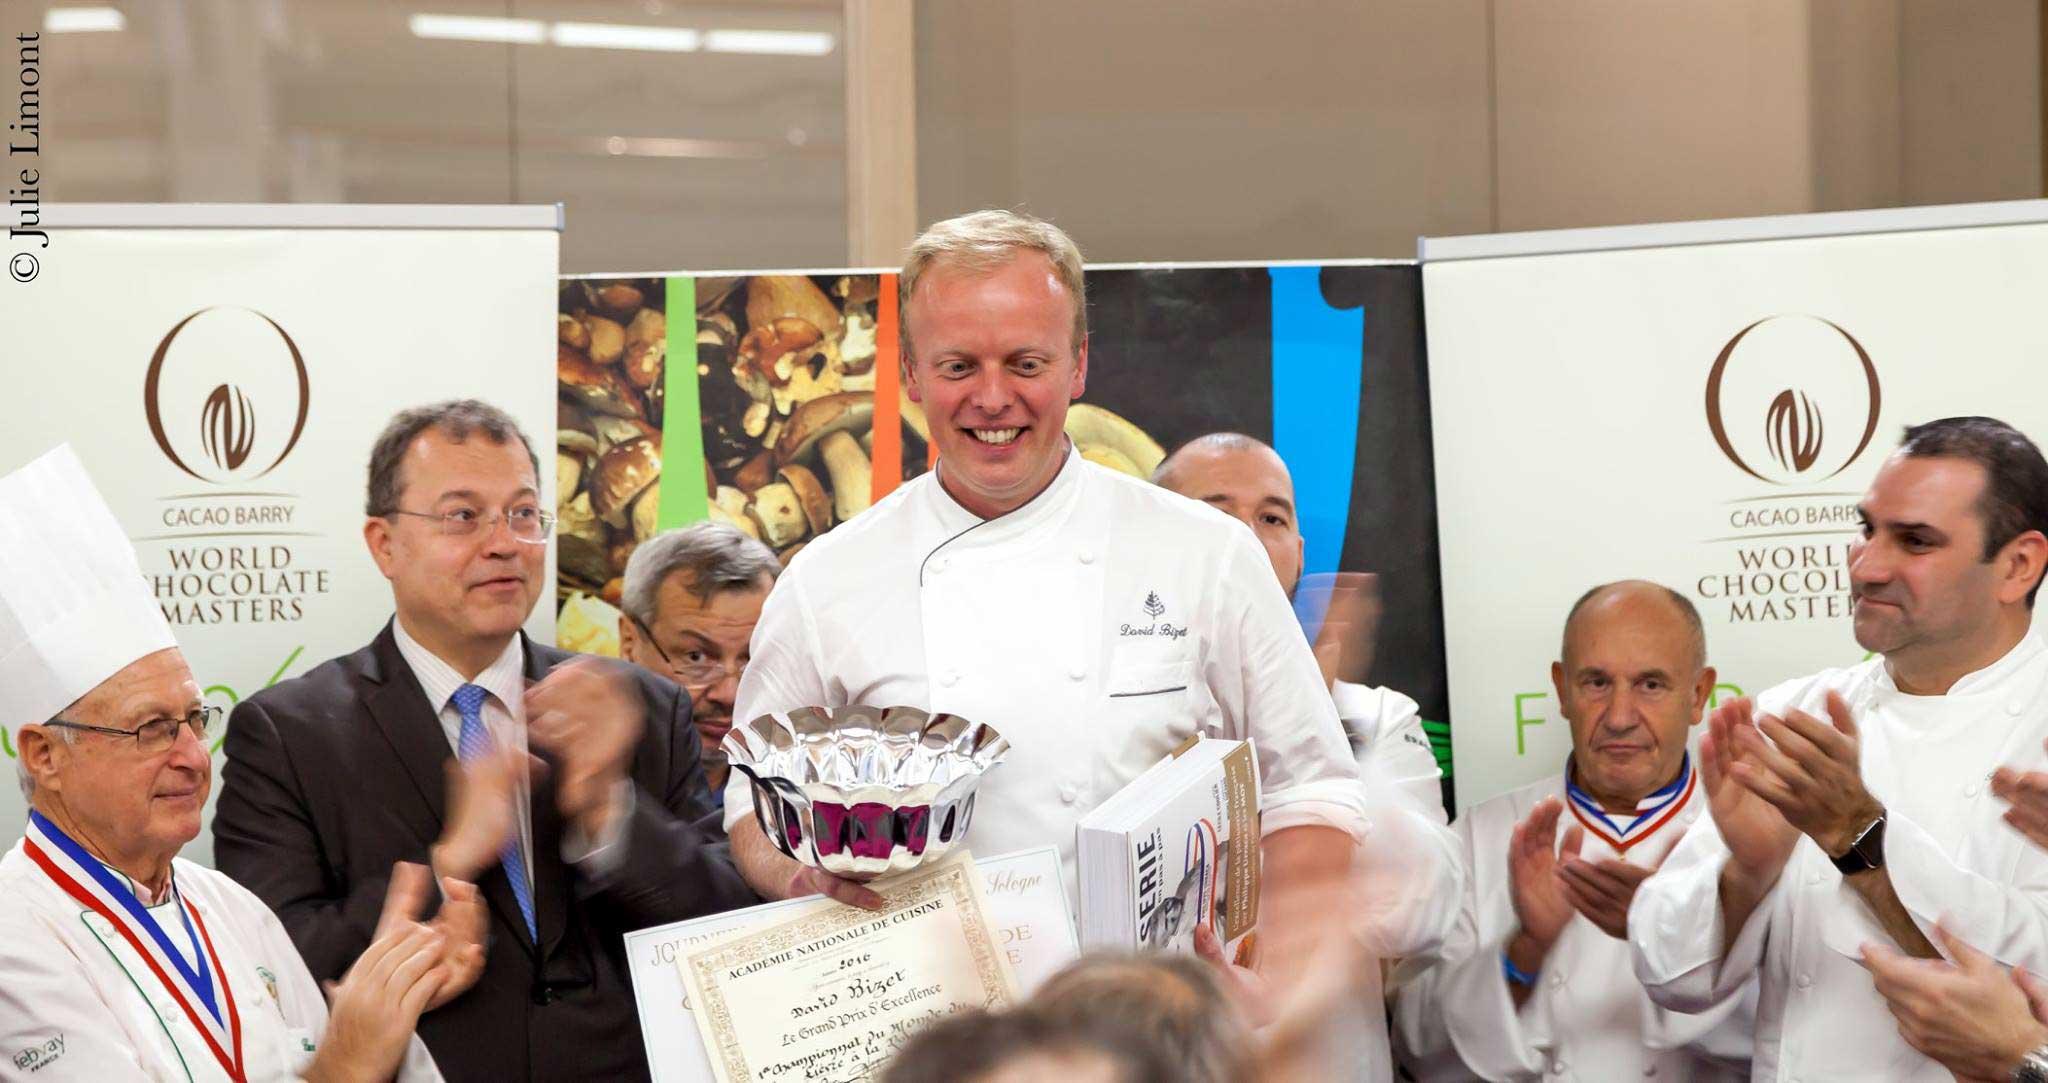 Le vainqueur de l'épreuve : David BIZET de Paris, Chef cuisinier à l'Orangerie du George V à Paris - Crédit photo : Julie Limont©